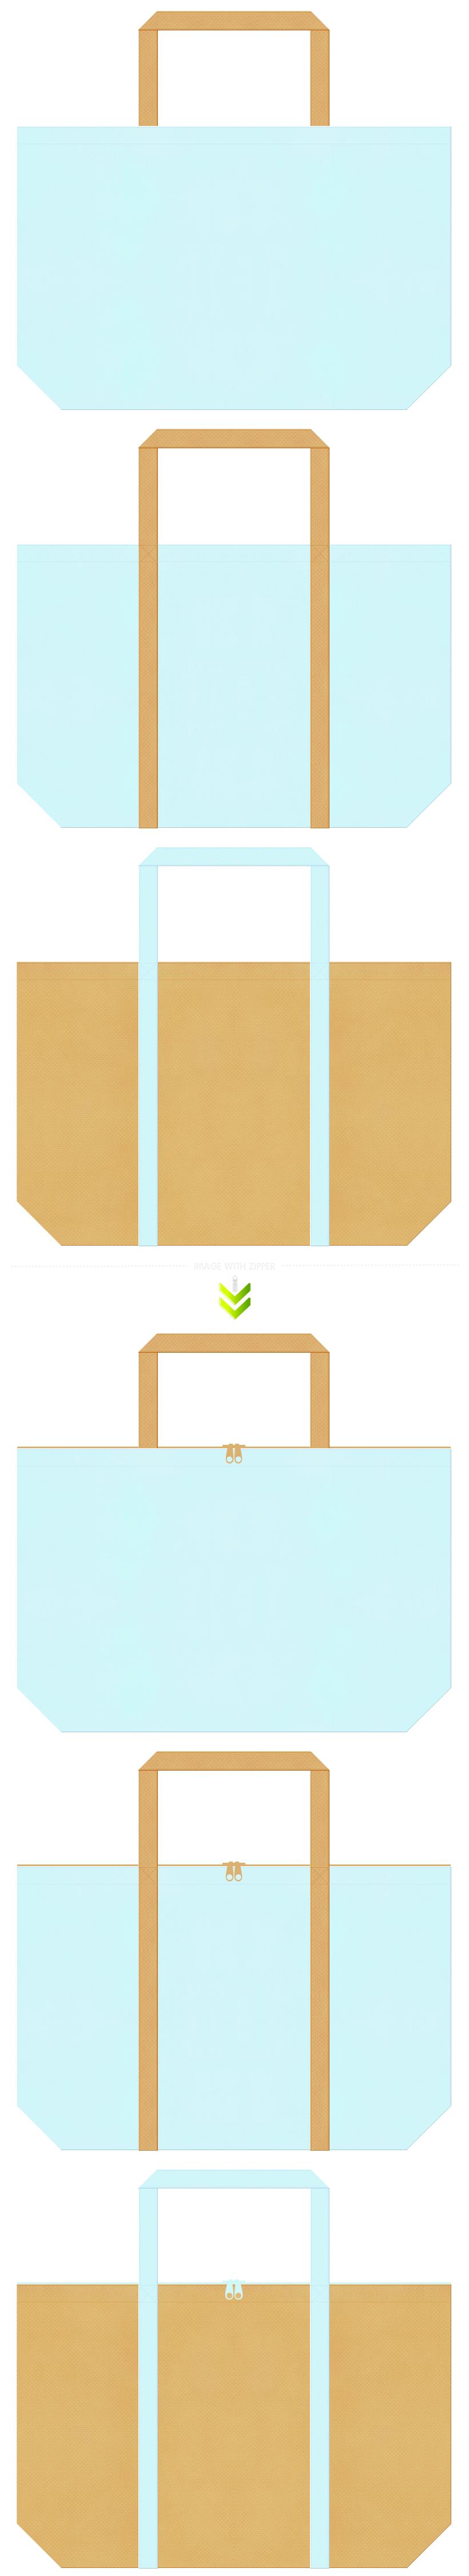 手芸・パピー・ポニー・ぬいぐるみ・木の看板・絵本・おとぎ話・ロールプレイングゲーム・ガーリーデザインの不織布ショッピングバッグにお奨め:水色と薄黄土色のコーデ